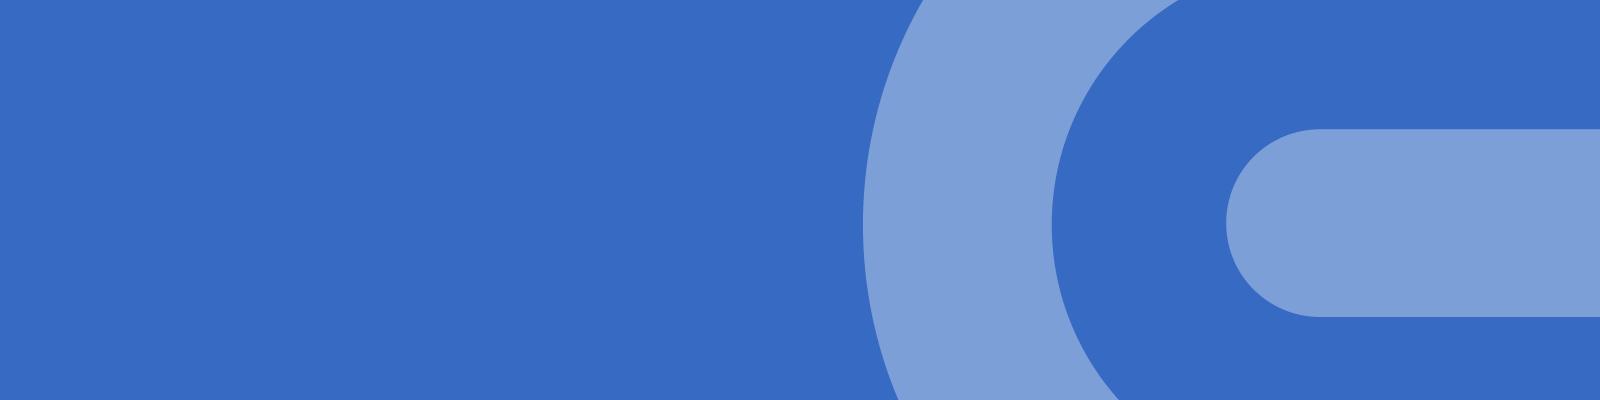 Banner Big C Med Blue